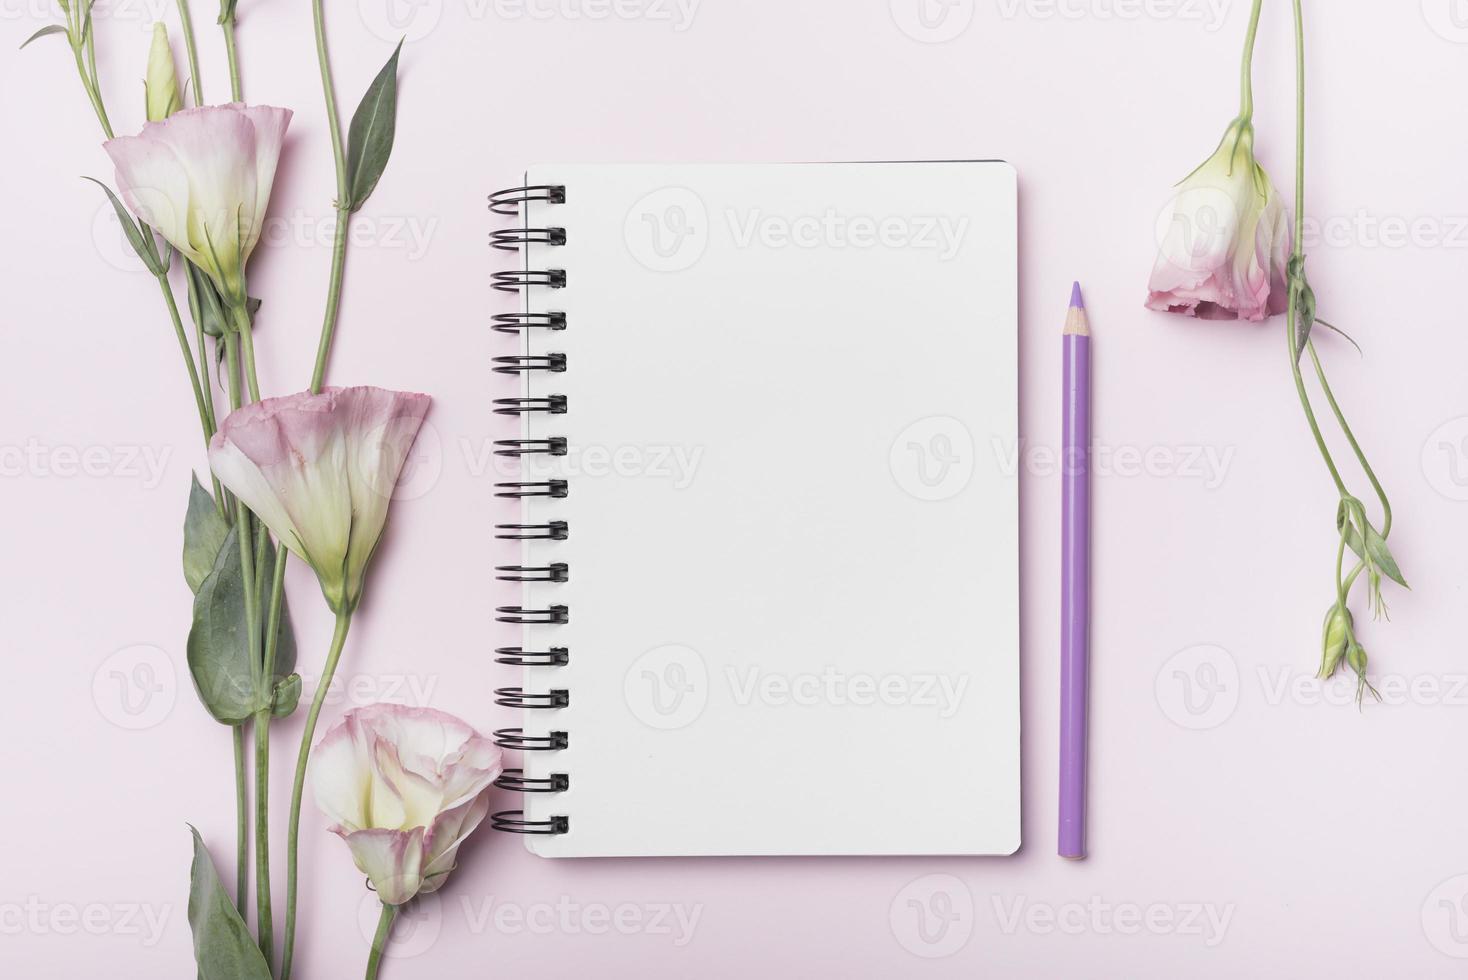 fiori eustoma e quaderno a spirale vuoto con matita viola su sfondo rosa foto